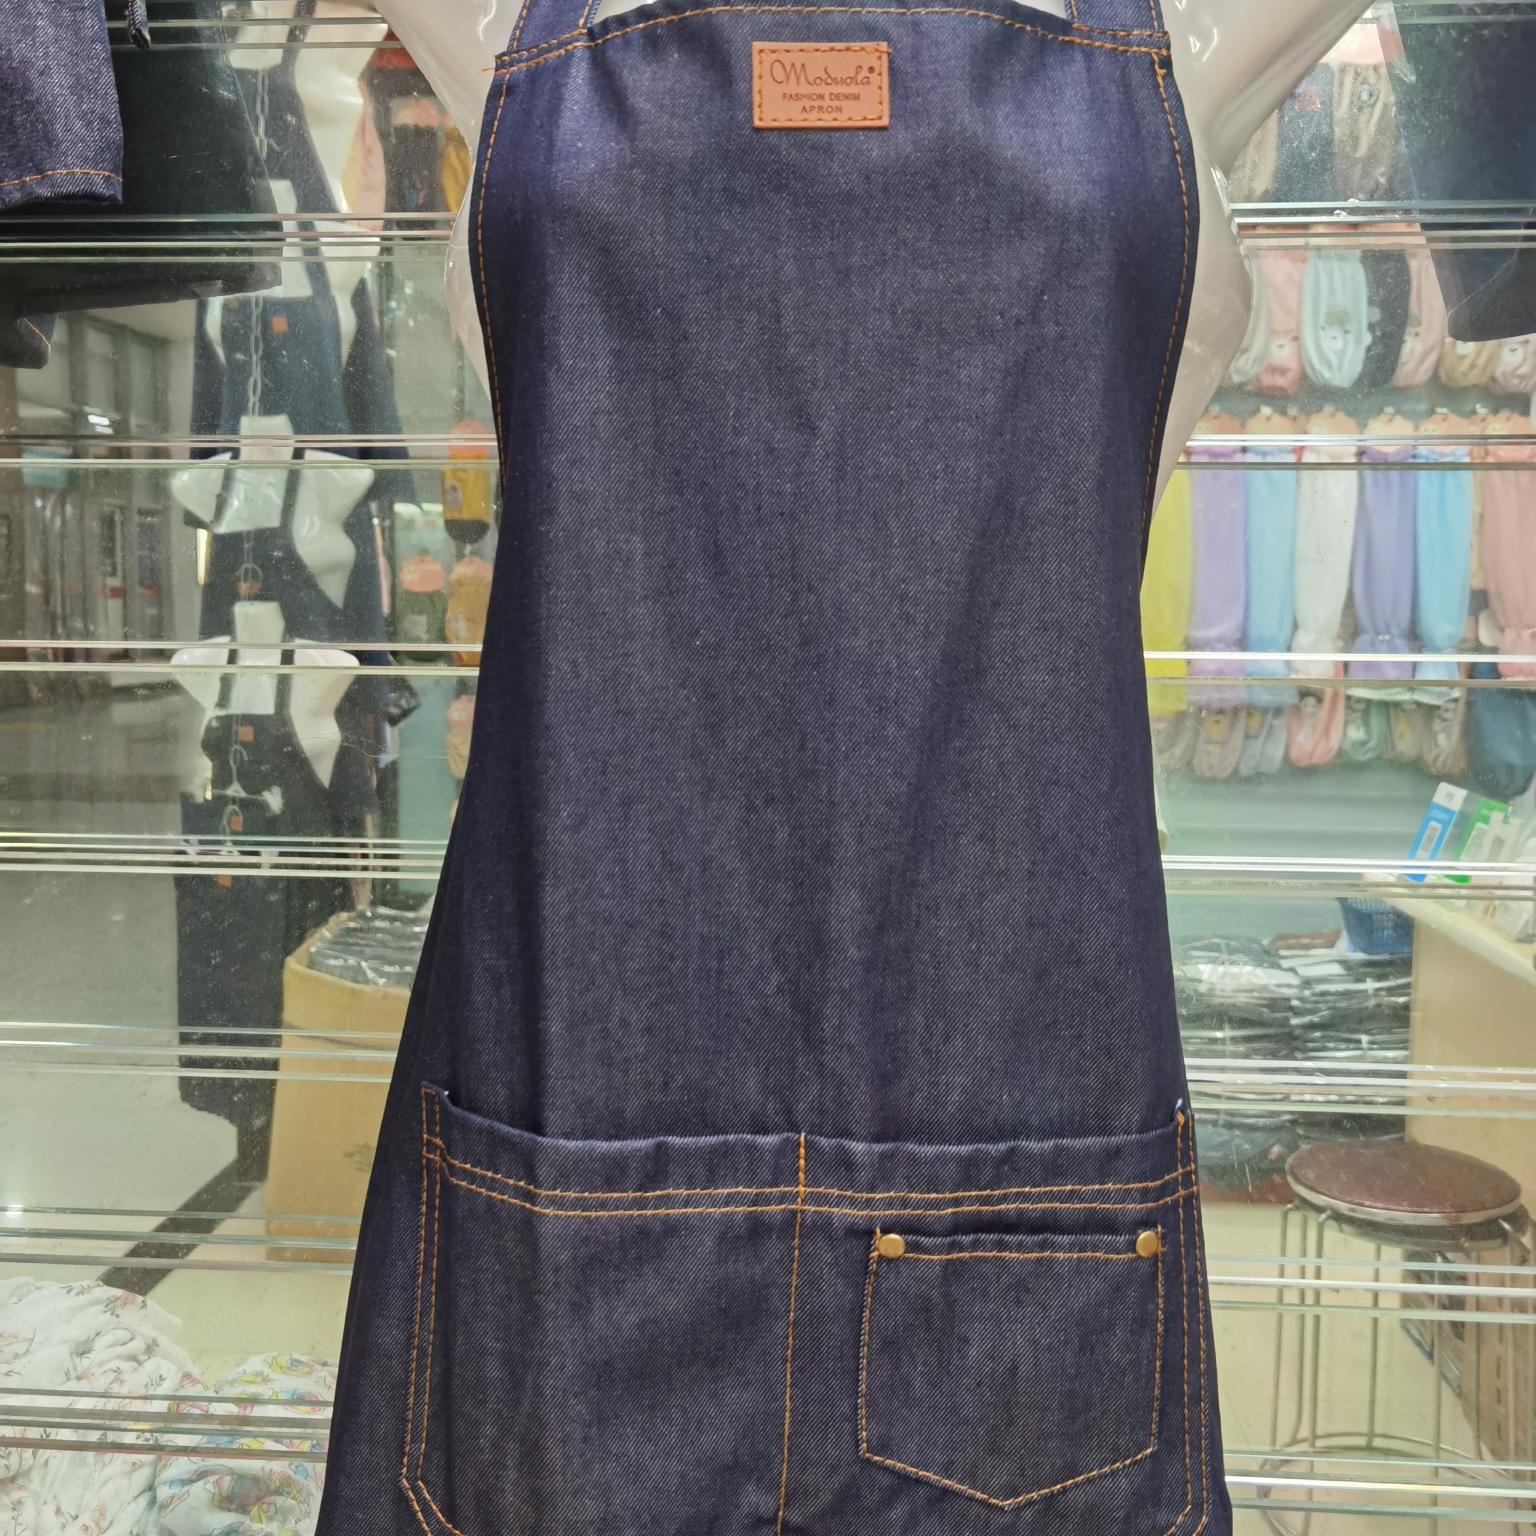 咖啡师韩版成人时尚绘画牛仔围裙,西餐厅酒吧女款加铆钉工作围裙